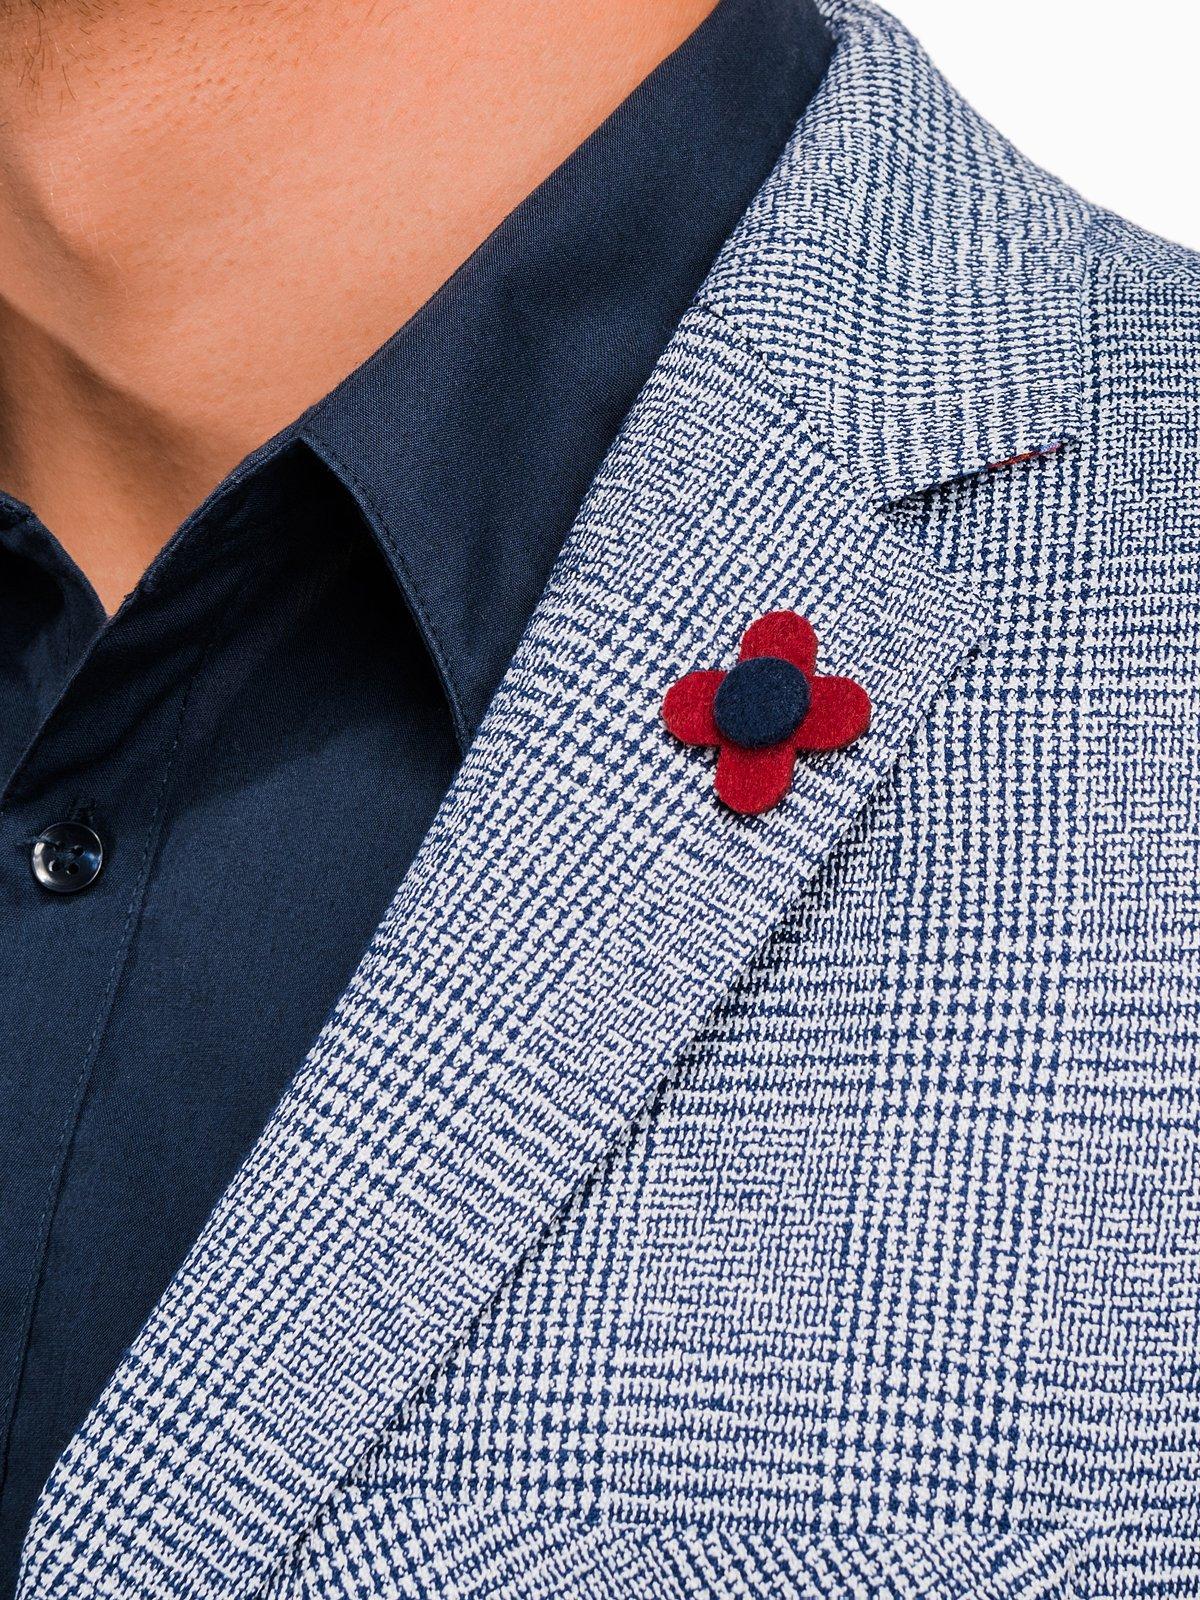 Mens Lapel Pin Button Lapel Pin Custom Lapel Pins Men Grey